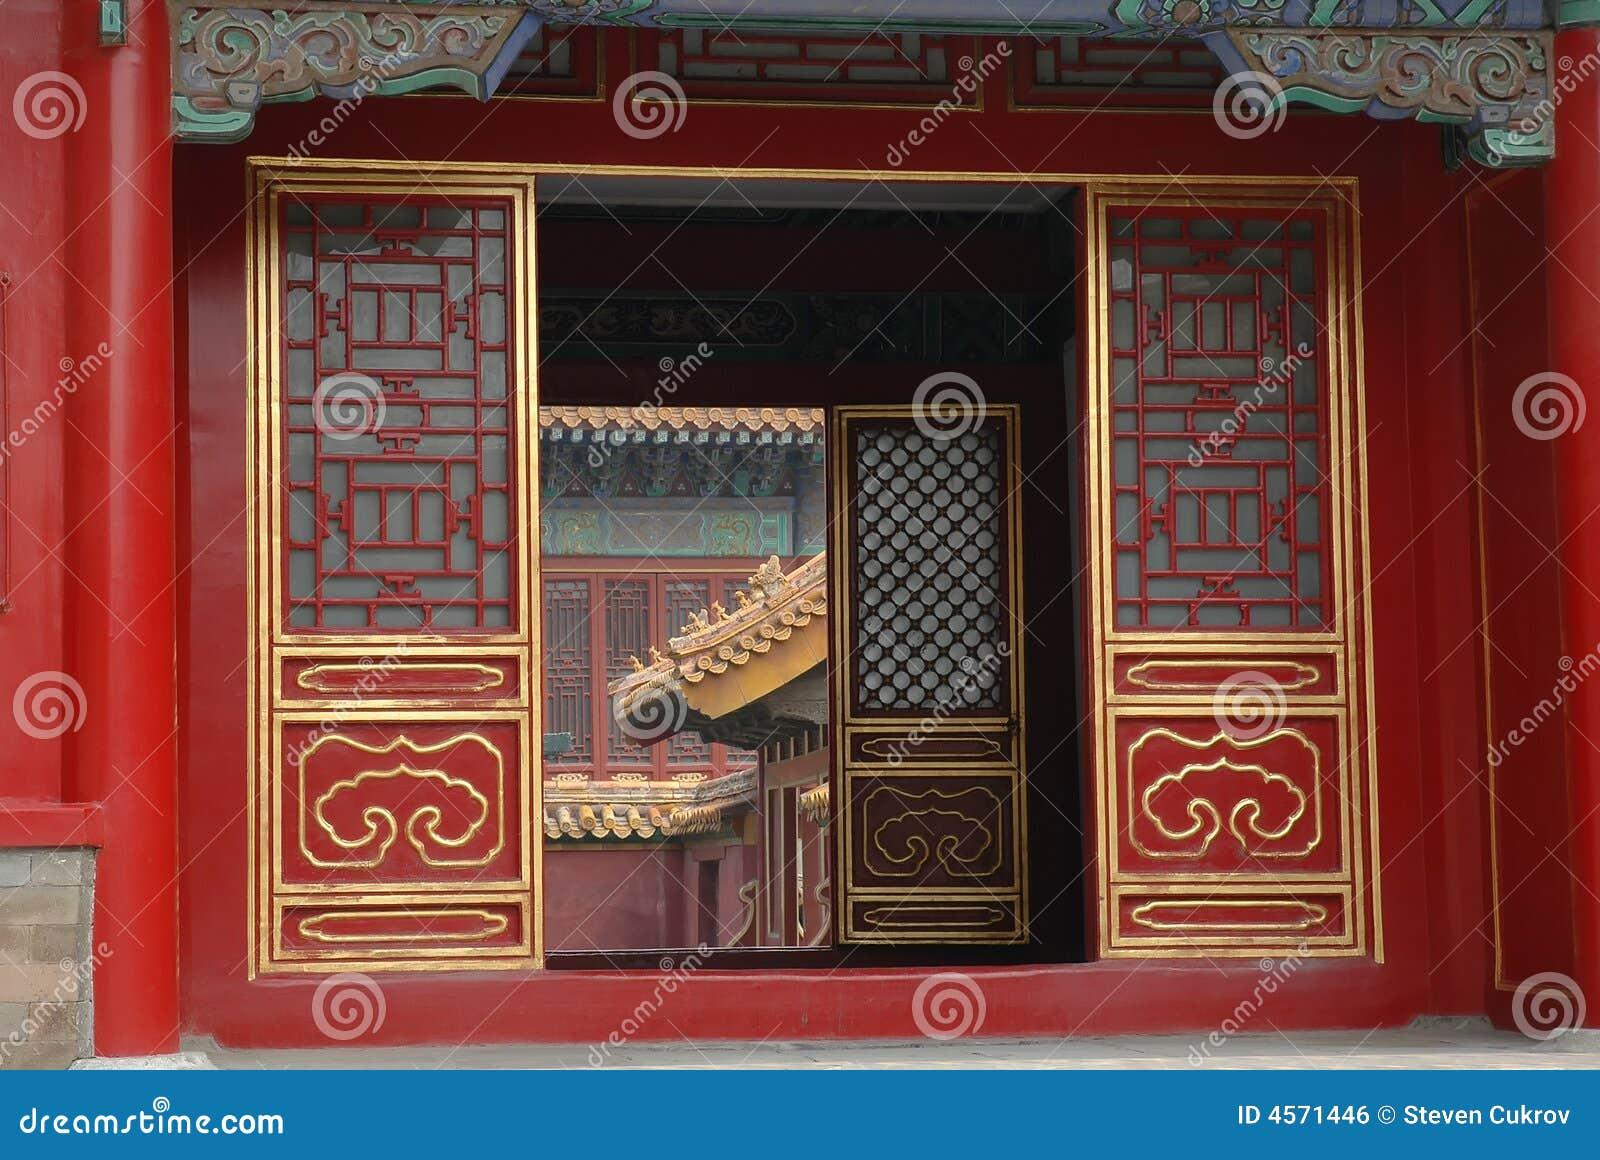 Beijing, Forbidden City